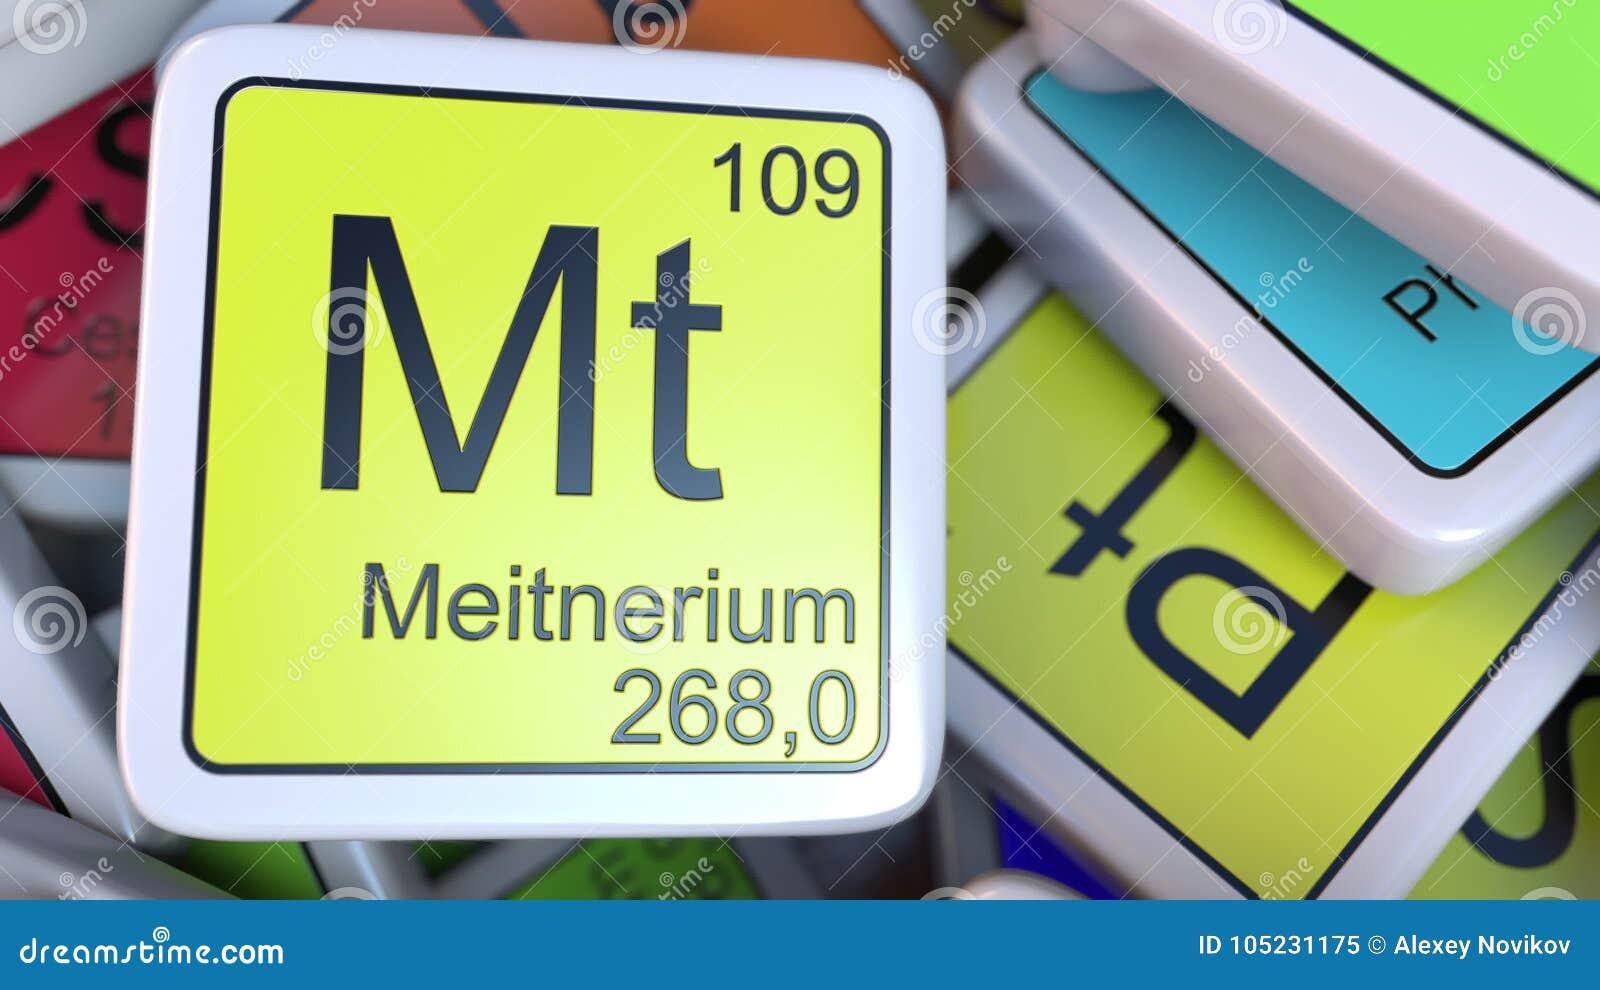 Bloque de meitnerium mt en la pila de tabla peridica de los bloques download bloque de meitnerium mt en la pila de tabla peridica de los bloques de los urtaz Gallery